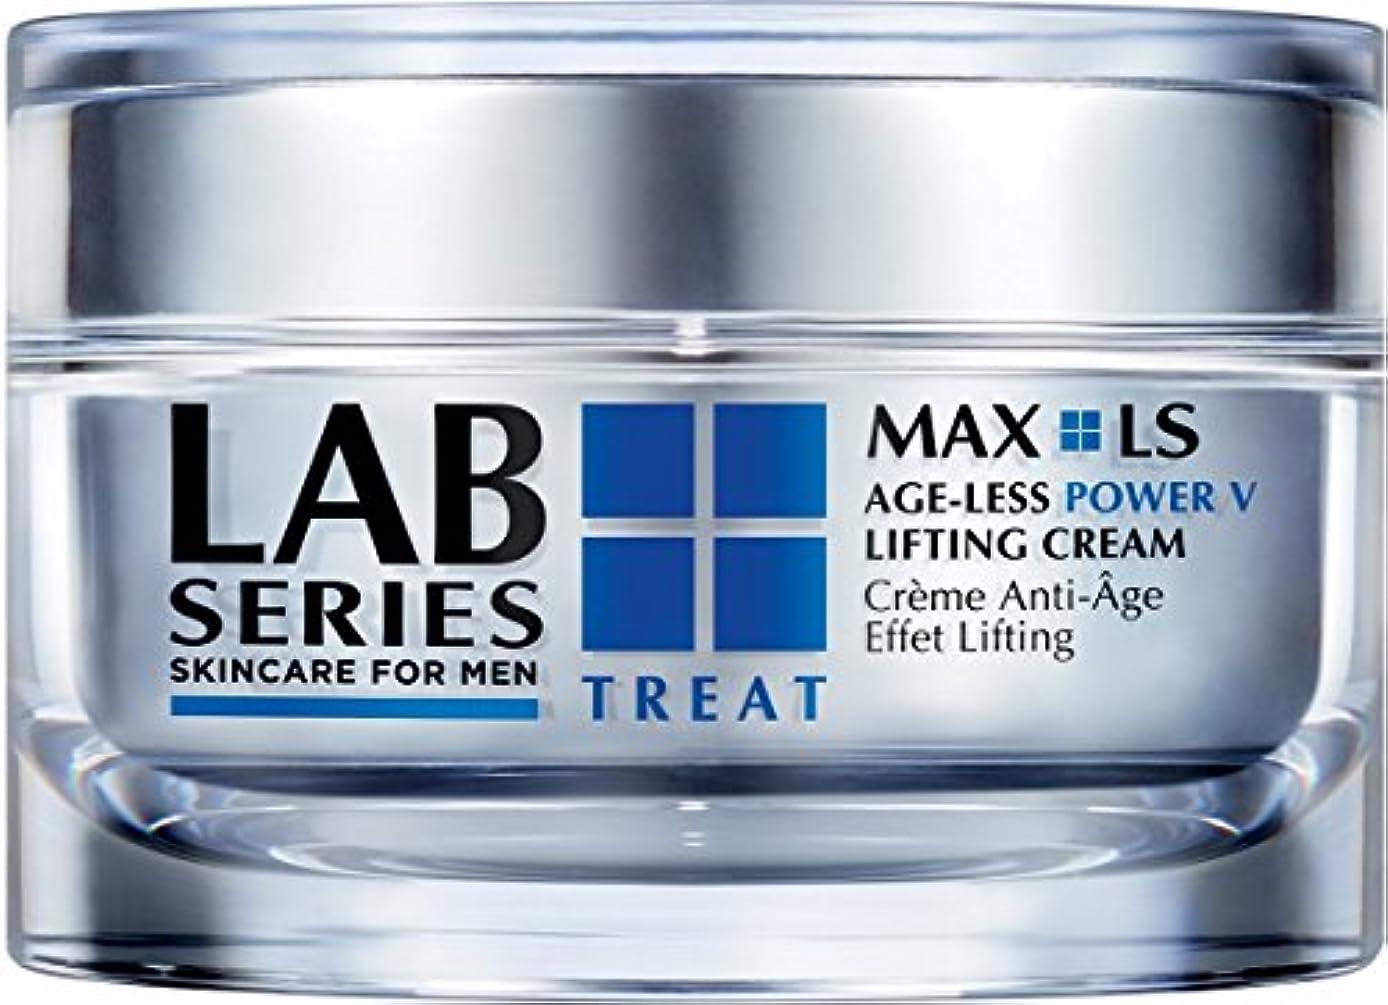 再現する憂鬱な検閲ラボシリーズ (LAB SERIES) マックス LS V クリーム 50mL